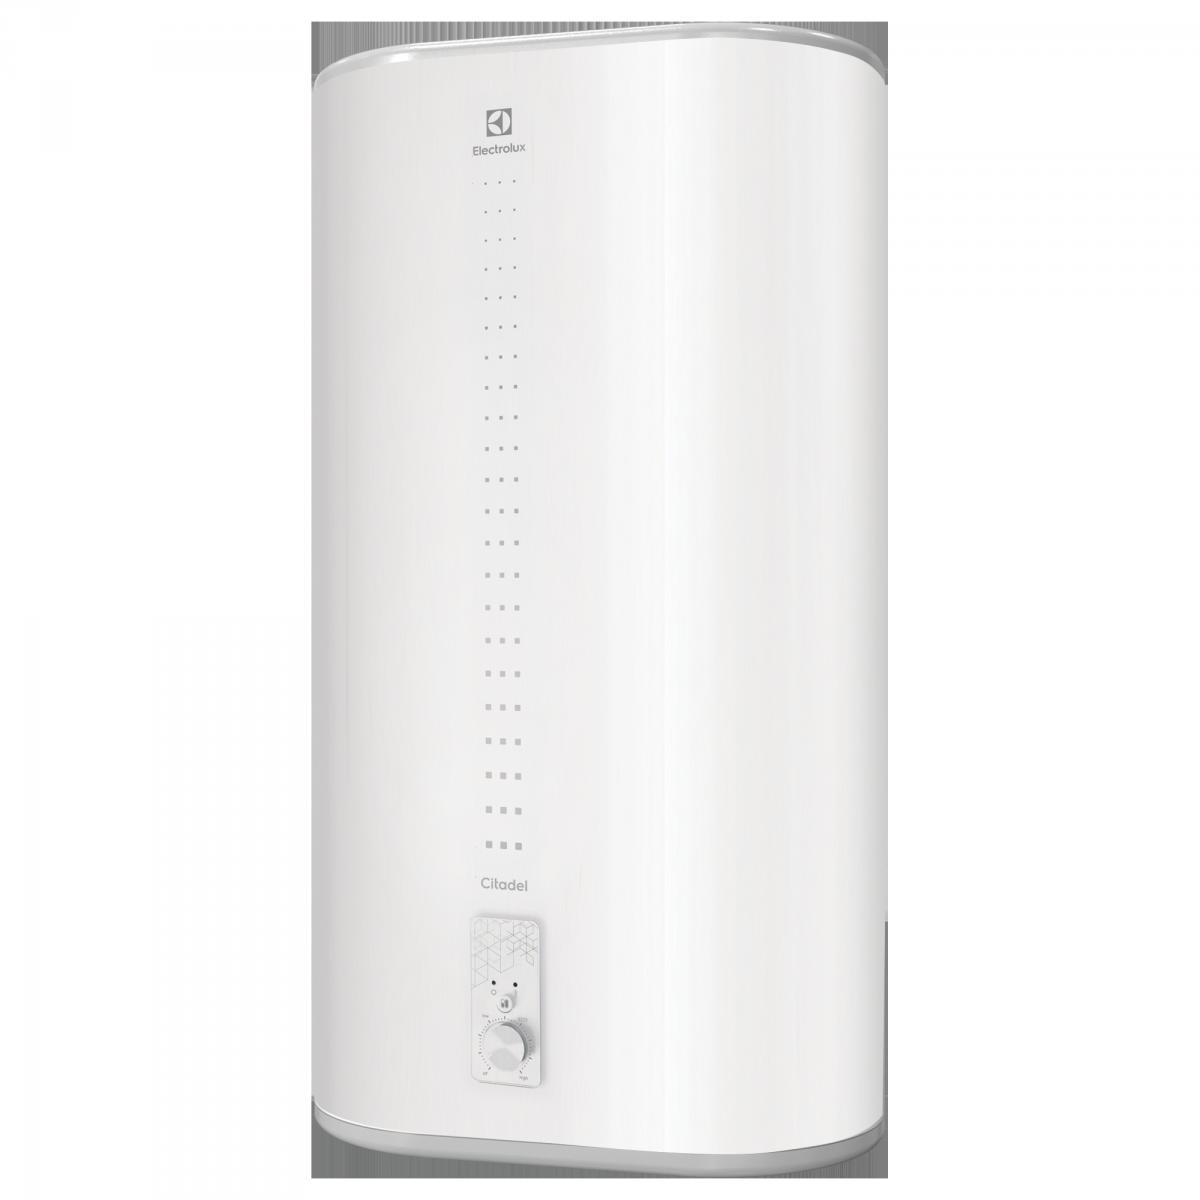 Накопительный электрический водонагреватель Electrolux EWH 50 Citadel (НС-1181387)